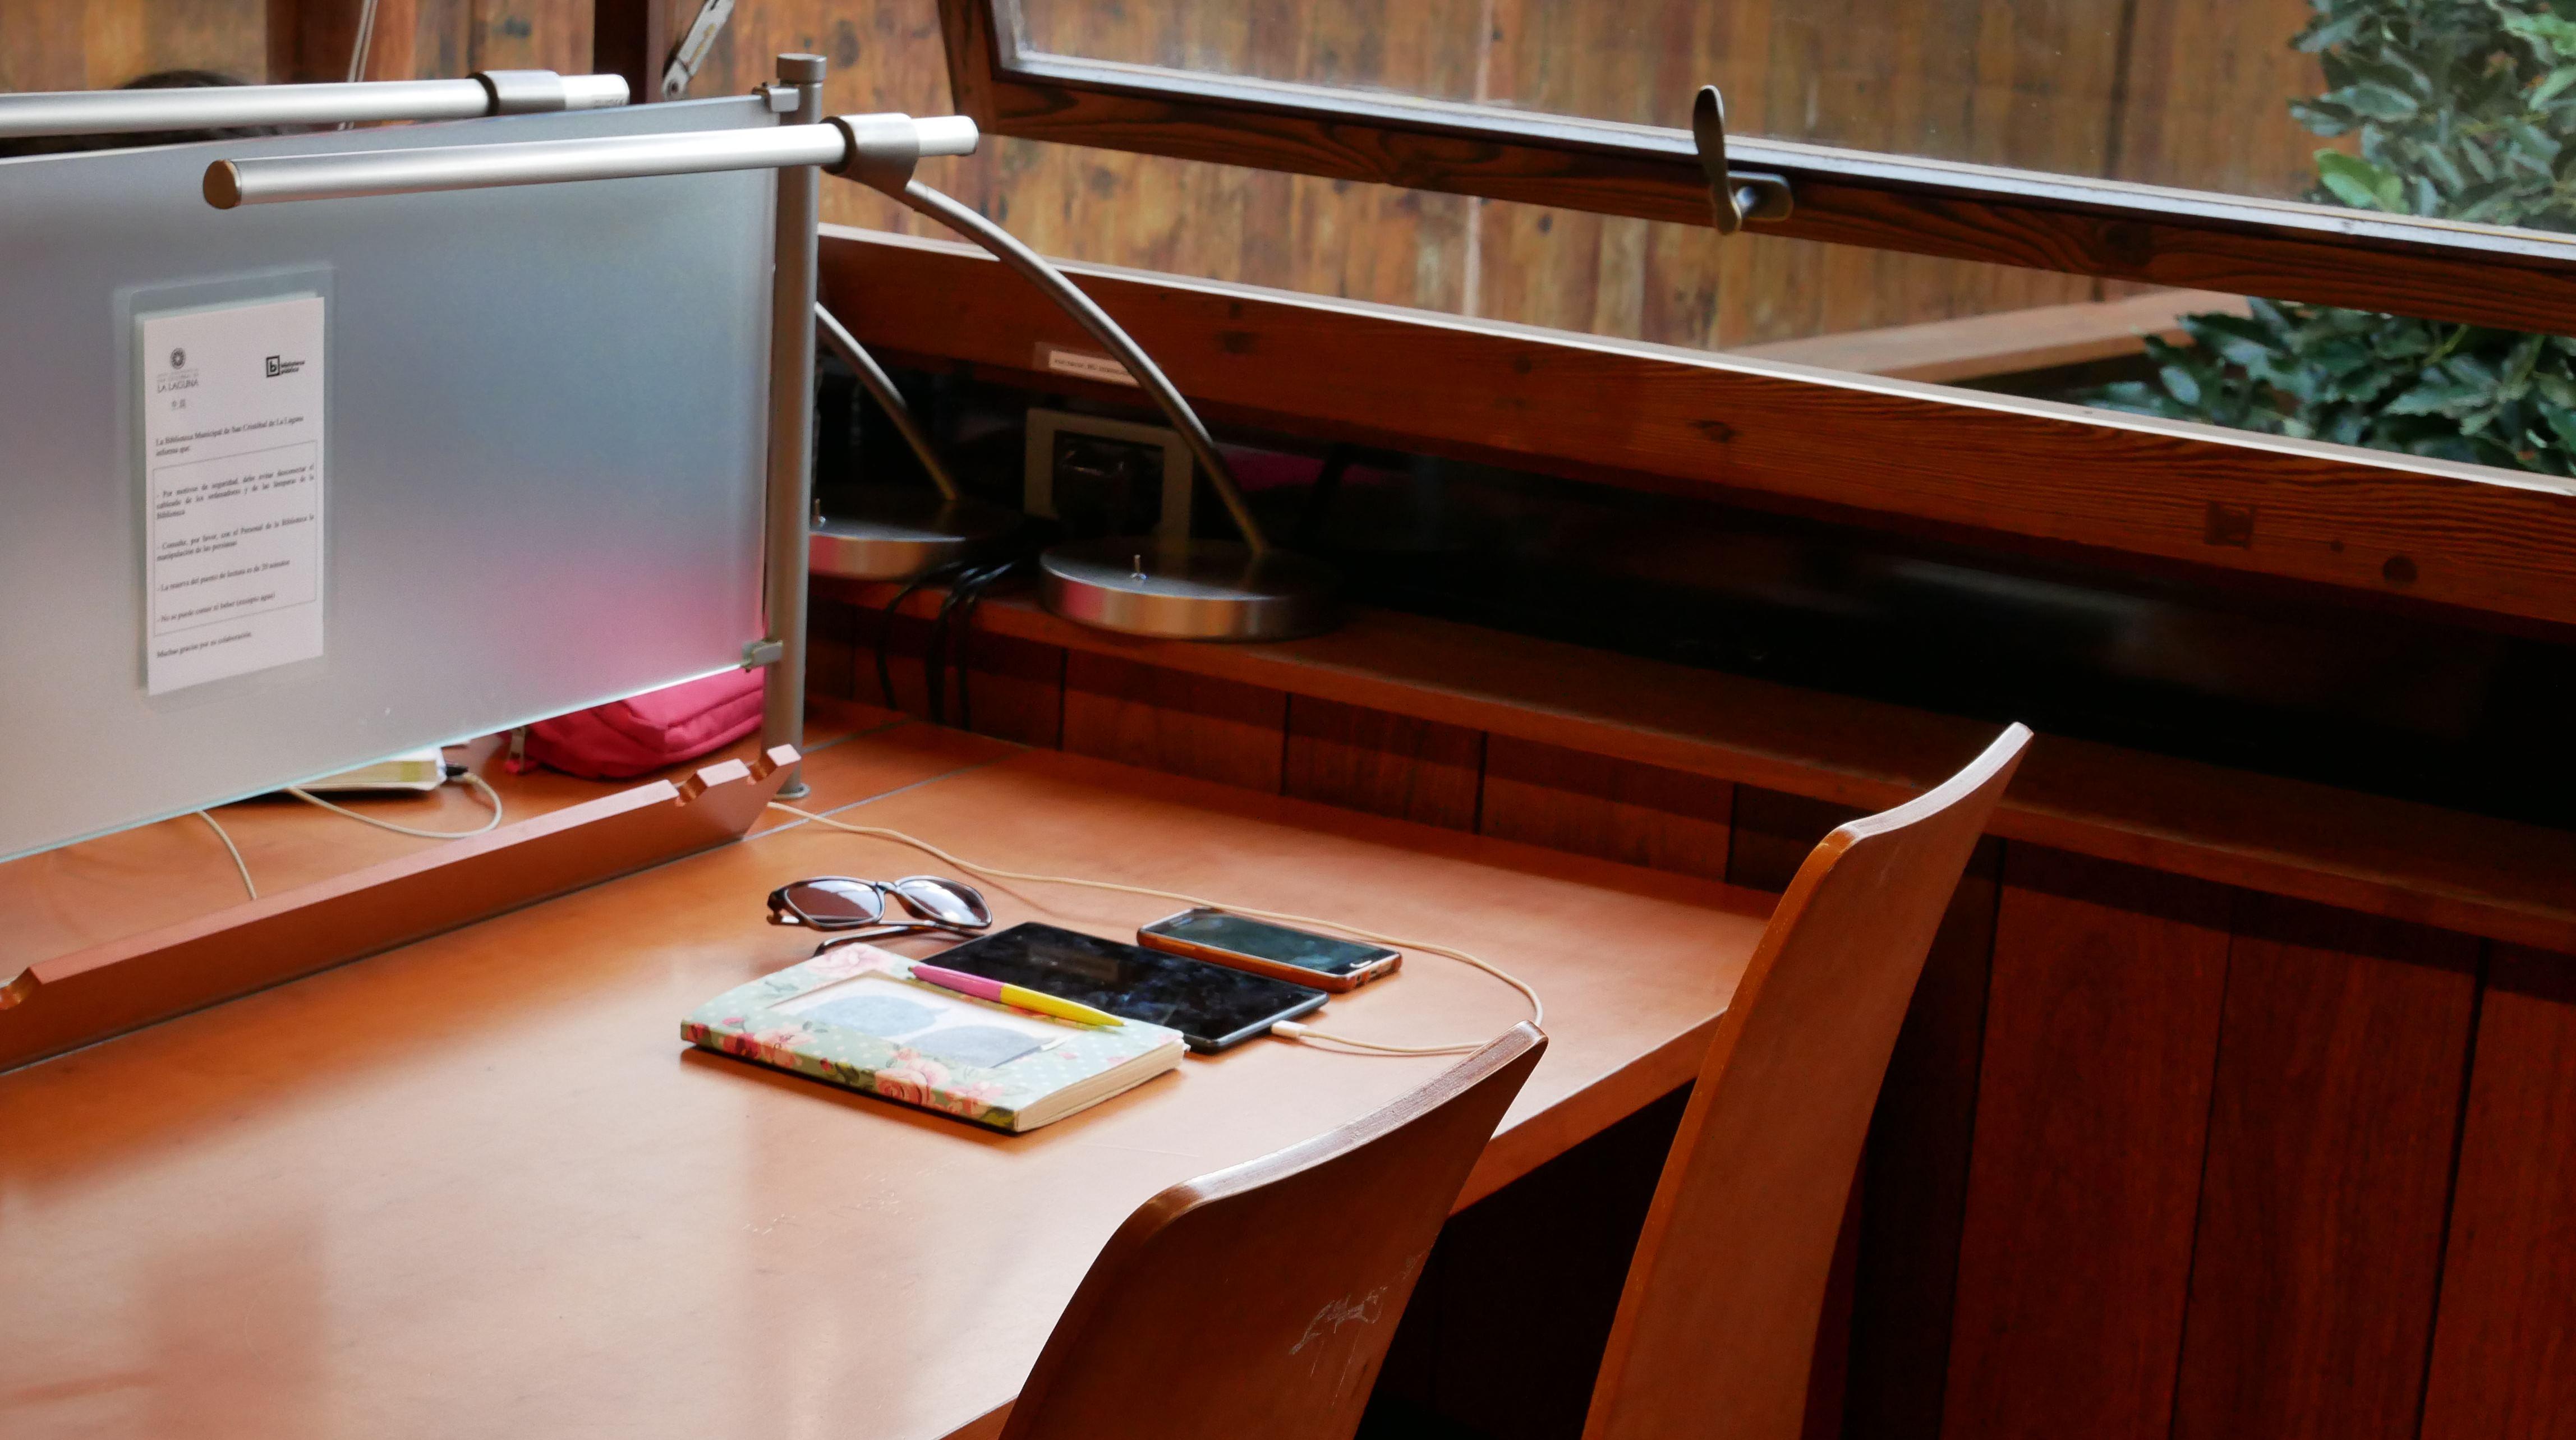 Arbeiten in Cafes auf Teneriffa: Die Bibliothek in La Laguna bietet Wifi und Plätze zum Arbeiten.